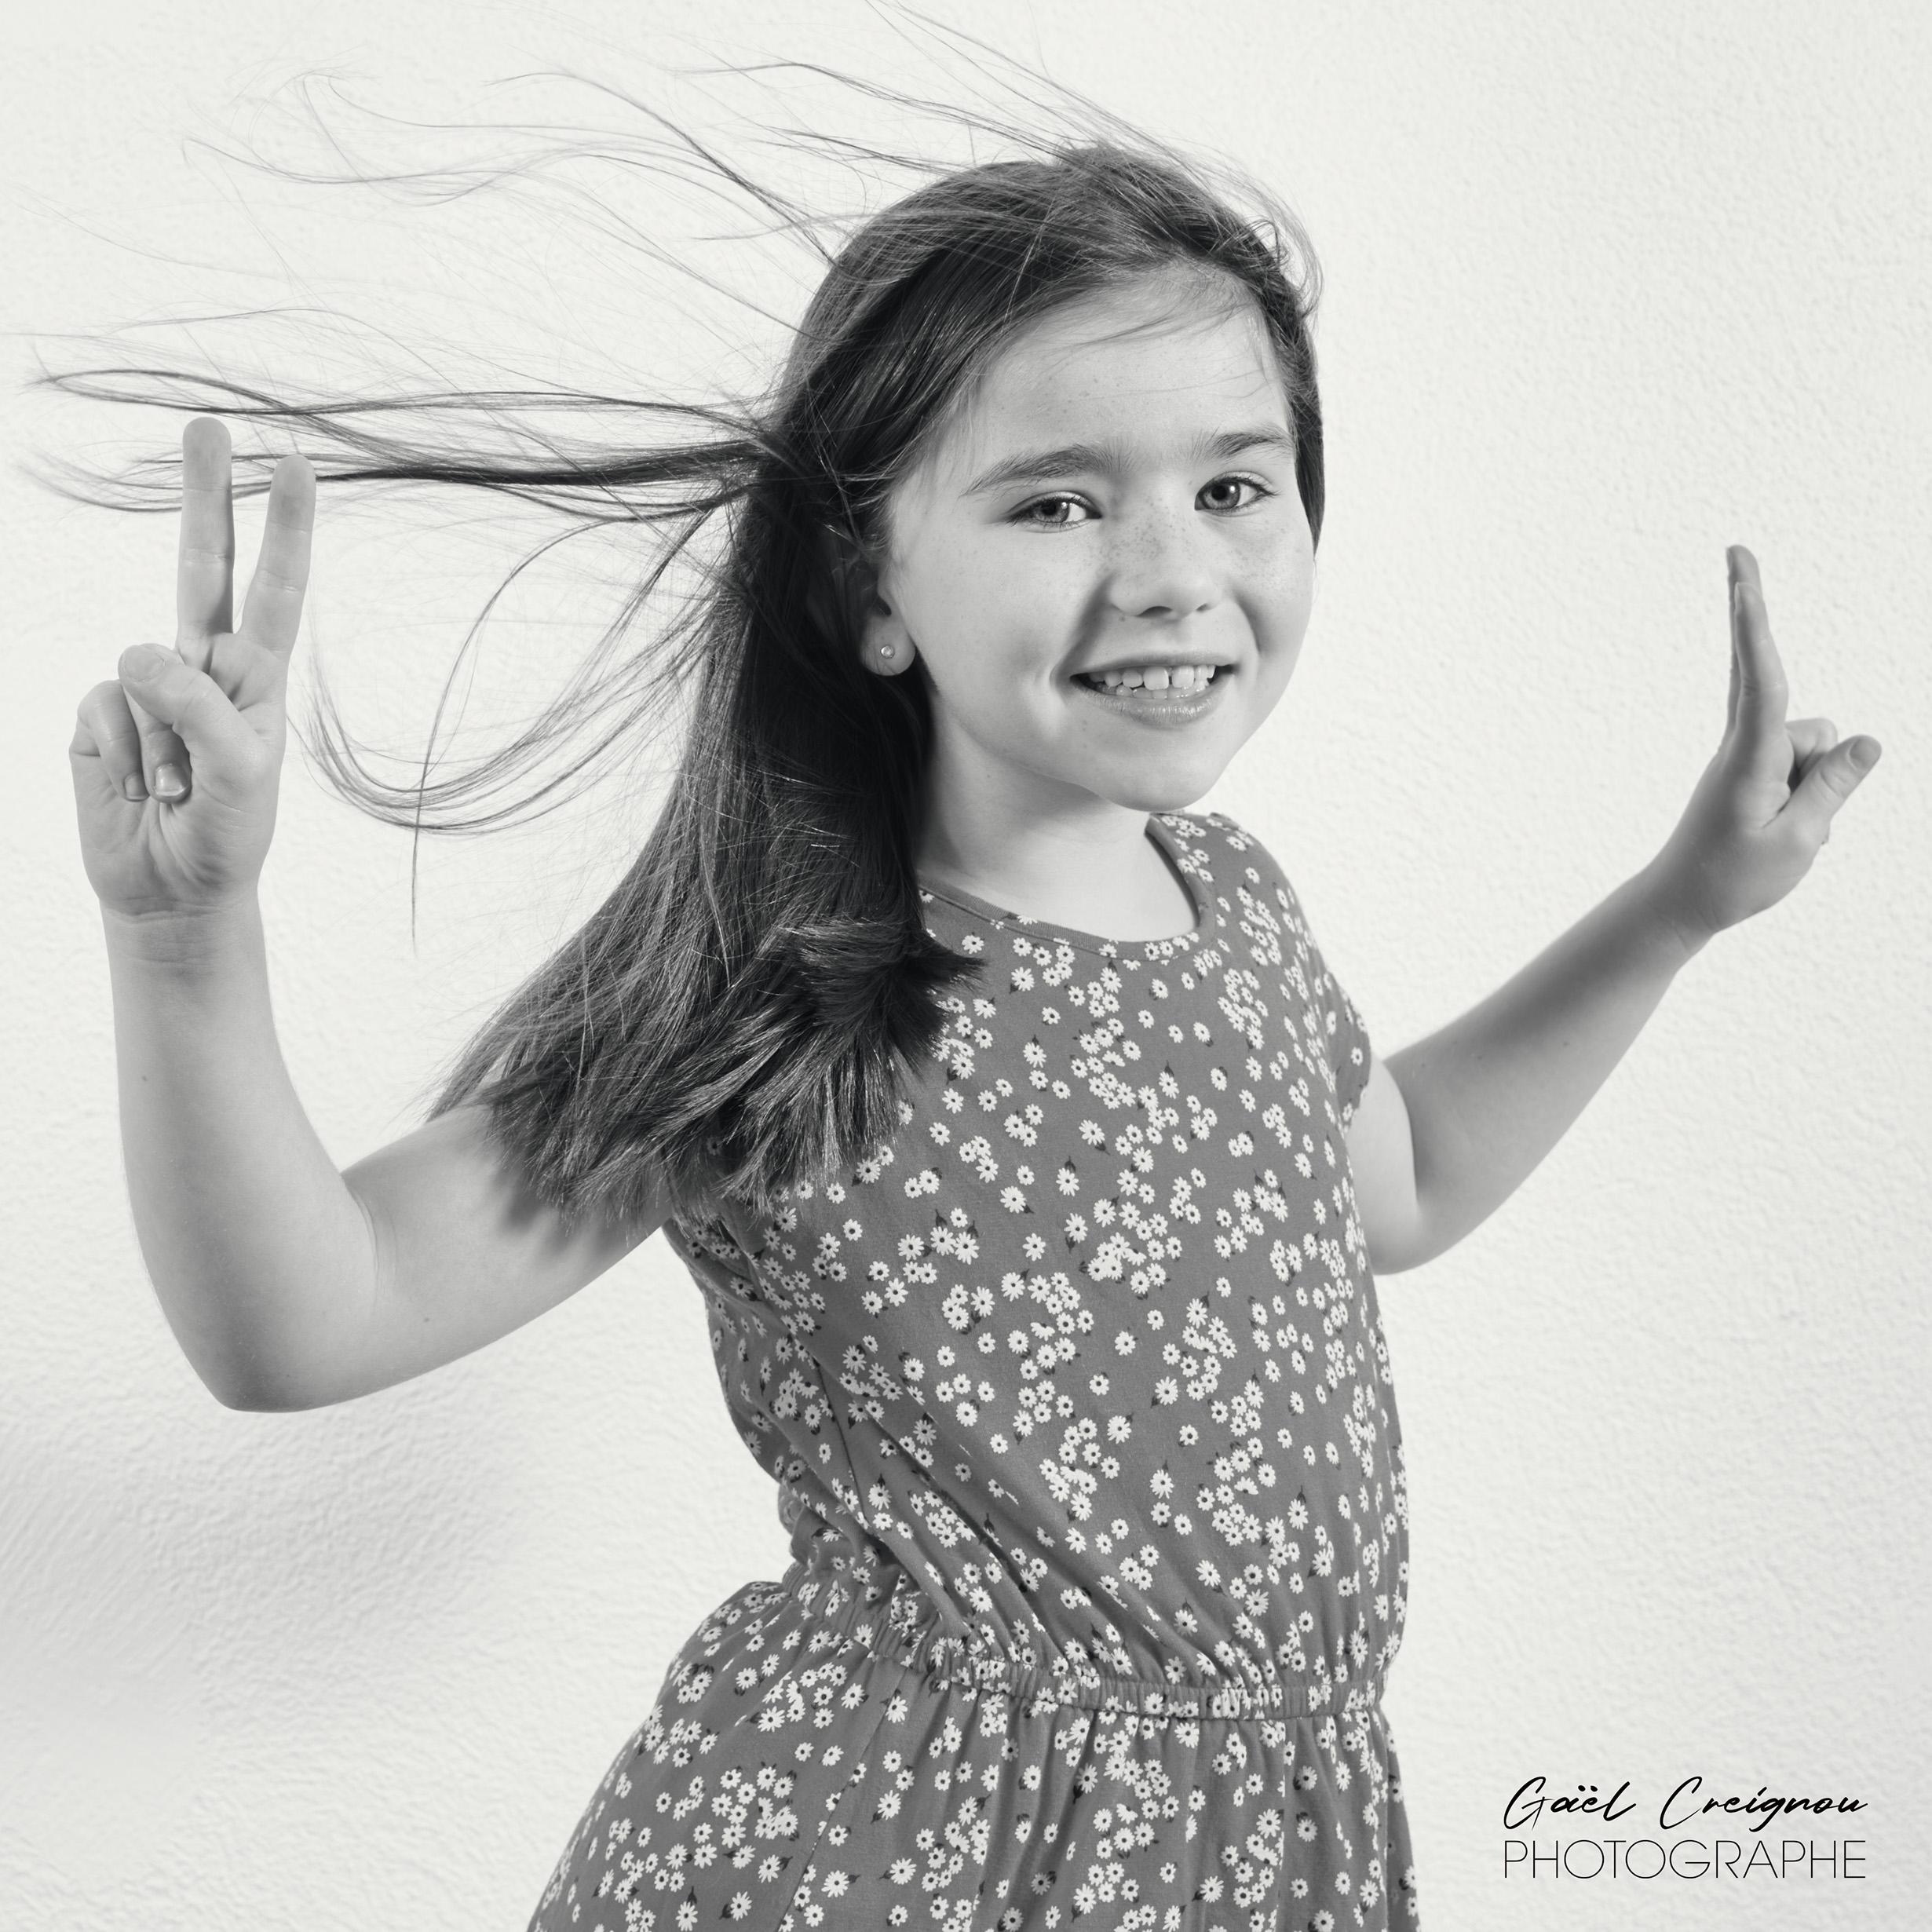 gael creignou photographe portrait 39